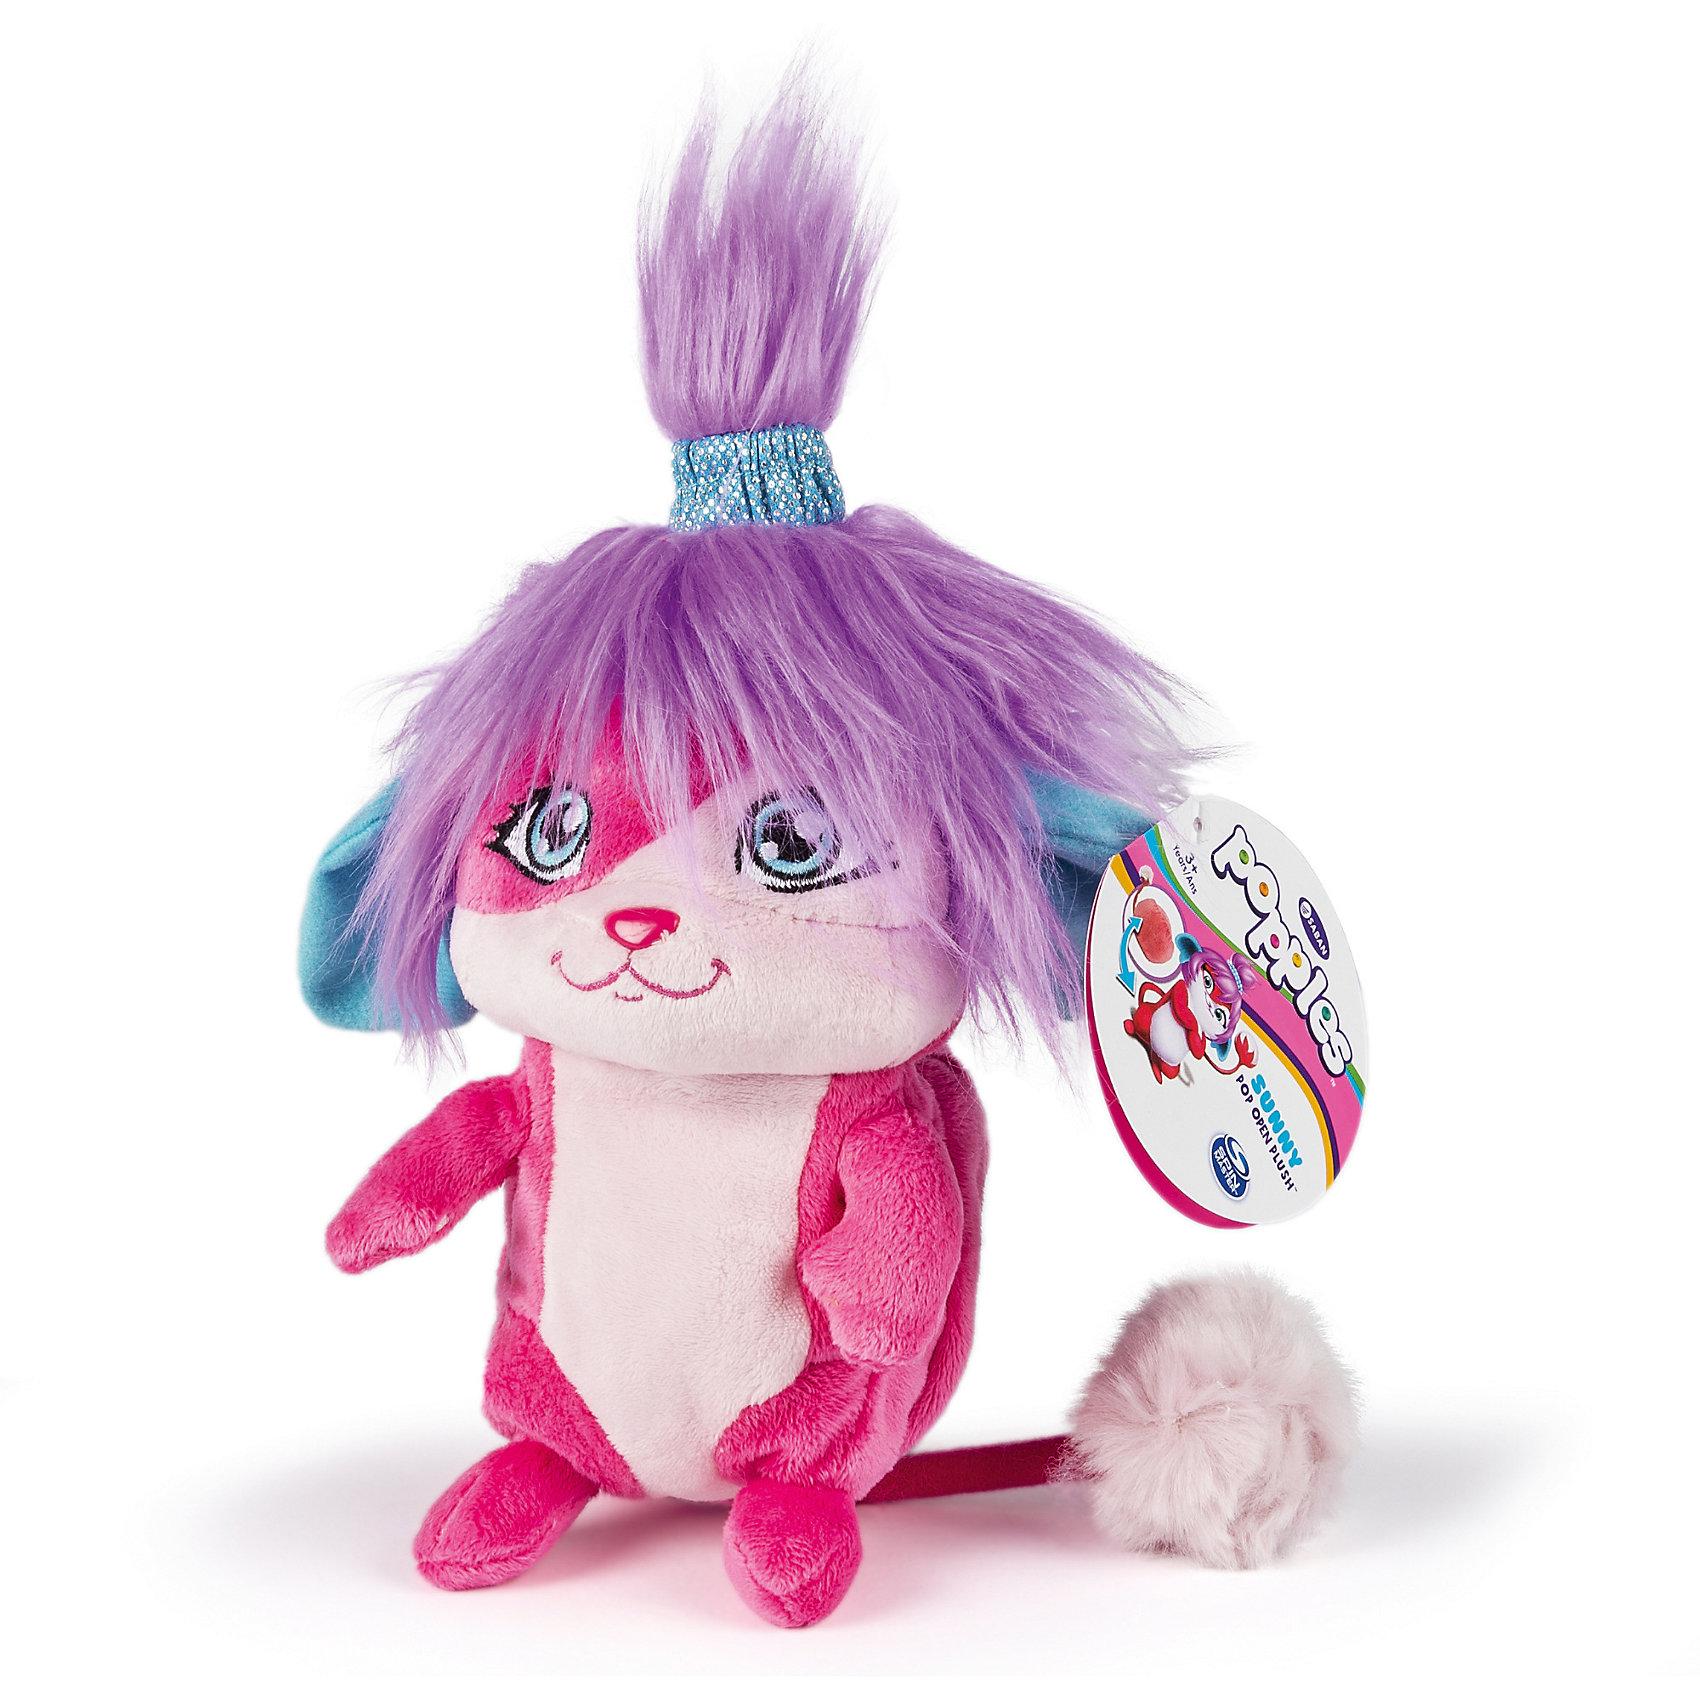 Мягкая игрушка Санни, 20 см, сворачивается в шар, PopplesМягкая игрушка Санни, 20 см, сворачивается в шар, Popples<br><br>Характеристика:<br><br>-Возраст: от 4 лет<br>-Для девочек <br>-Цвет: розовый с сиреневым<br>-Материал: плюш<br>-Размер: 20 см<br>-Марка: Popples<br><br>Мягкая игрушка Popples - это уникальная мягкая игрушка для детей. Игрушка по имени Санни имеет яркую окраску и необычную прическу. Самое интересное то, что она имеет небольшой кармашек, что позволяет превратить игрушку в небольшой шар. Благодаря этому ее легко брать на прогулку или в путешествие.<br><br>Мягкая игрушка Санни, 20 см, сворачивается в шар, Popples можно приобрести в нашем интернет-магазине.<br><br>Ширина мм: 80<br>Глубина мм: 230<br>Высота мм: 100<br>Вес г: 310<br>Возраст от месяцев: 36<br>Возраст до месяцев: 2147483647<br>Пол: Женский<br>Возраст: Детский<br>SKU: 5301637